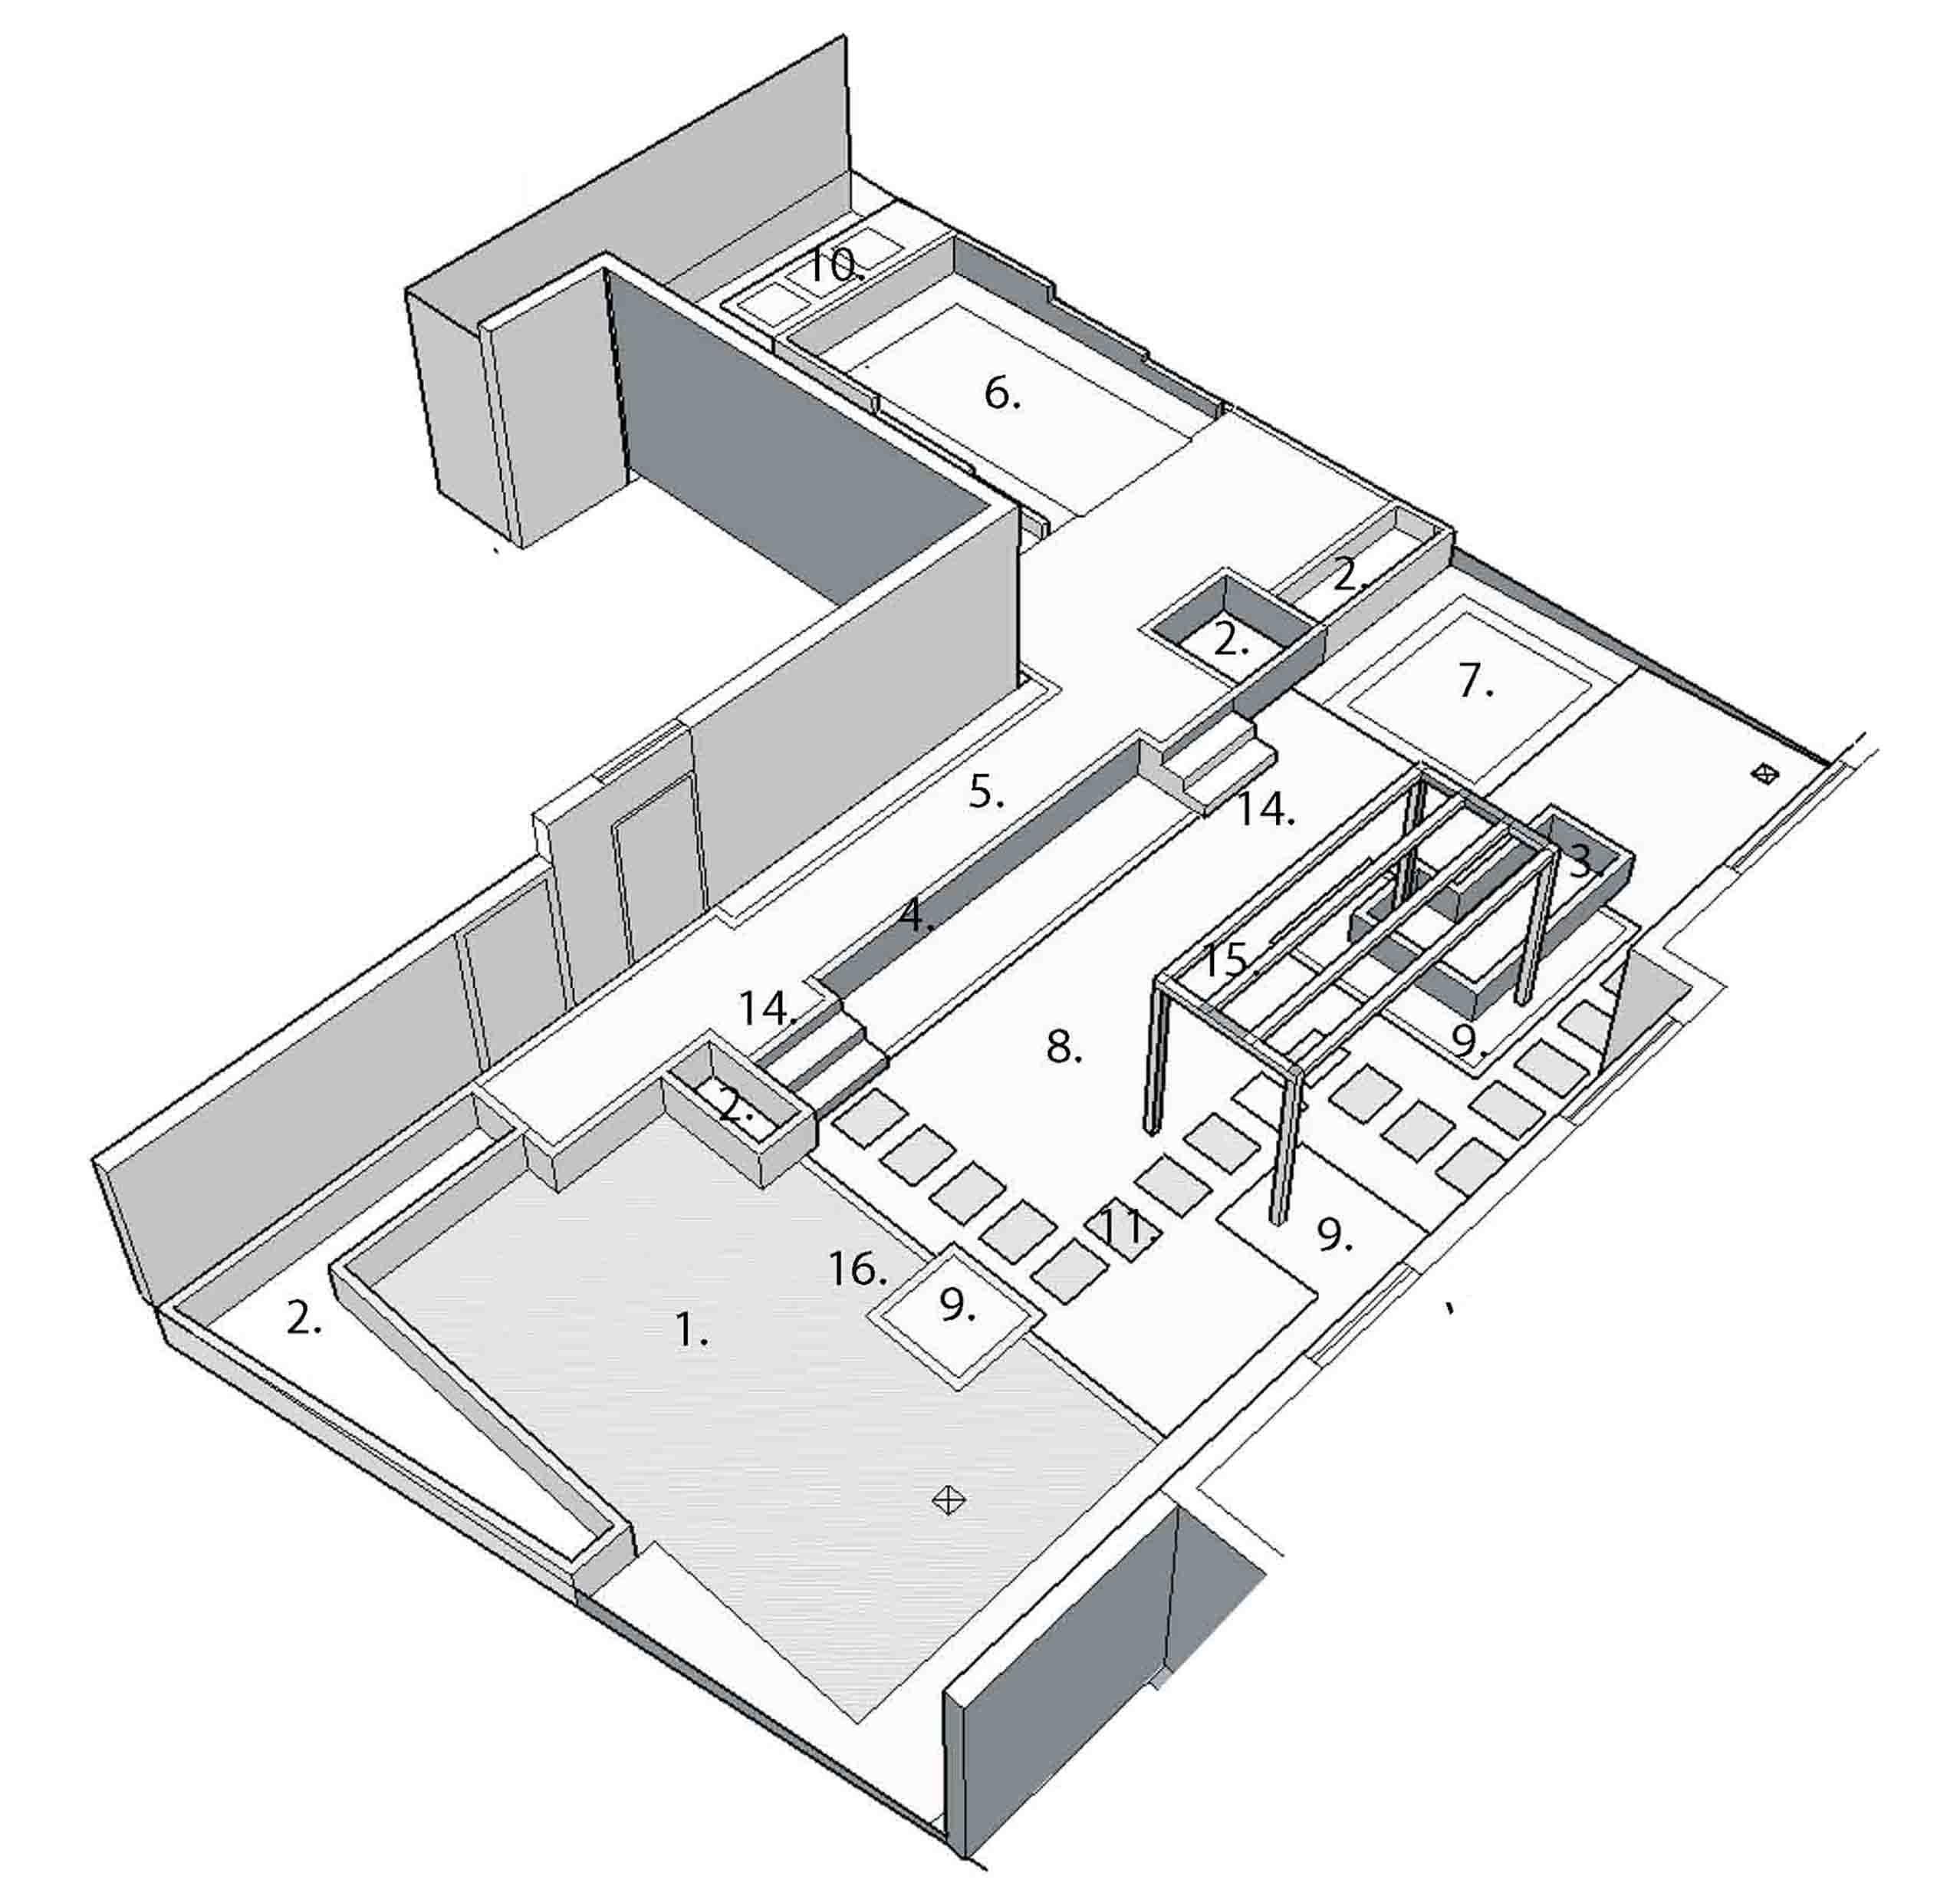 construction_details_2